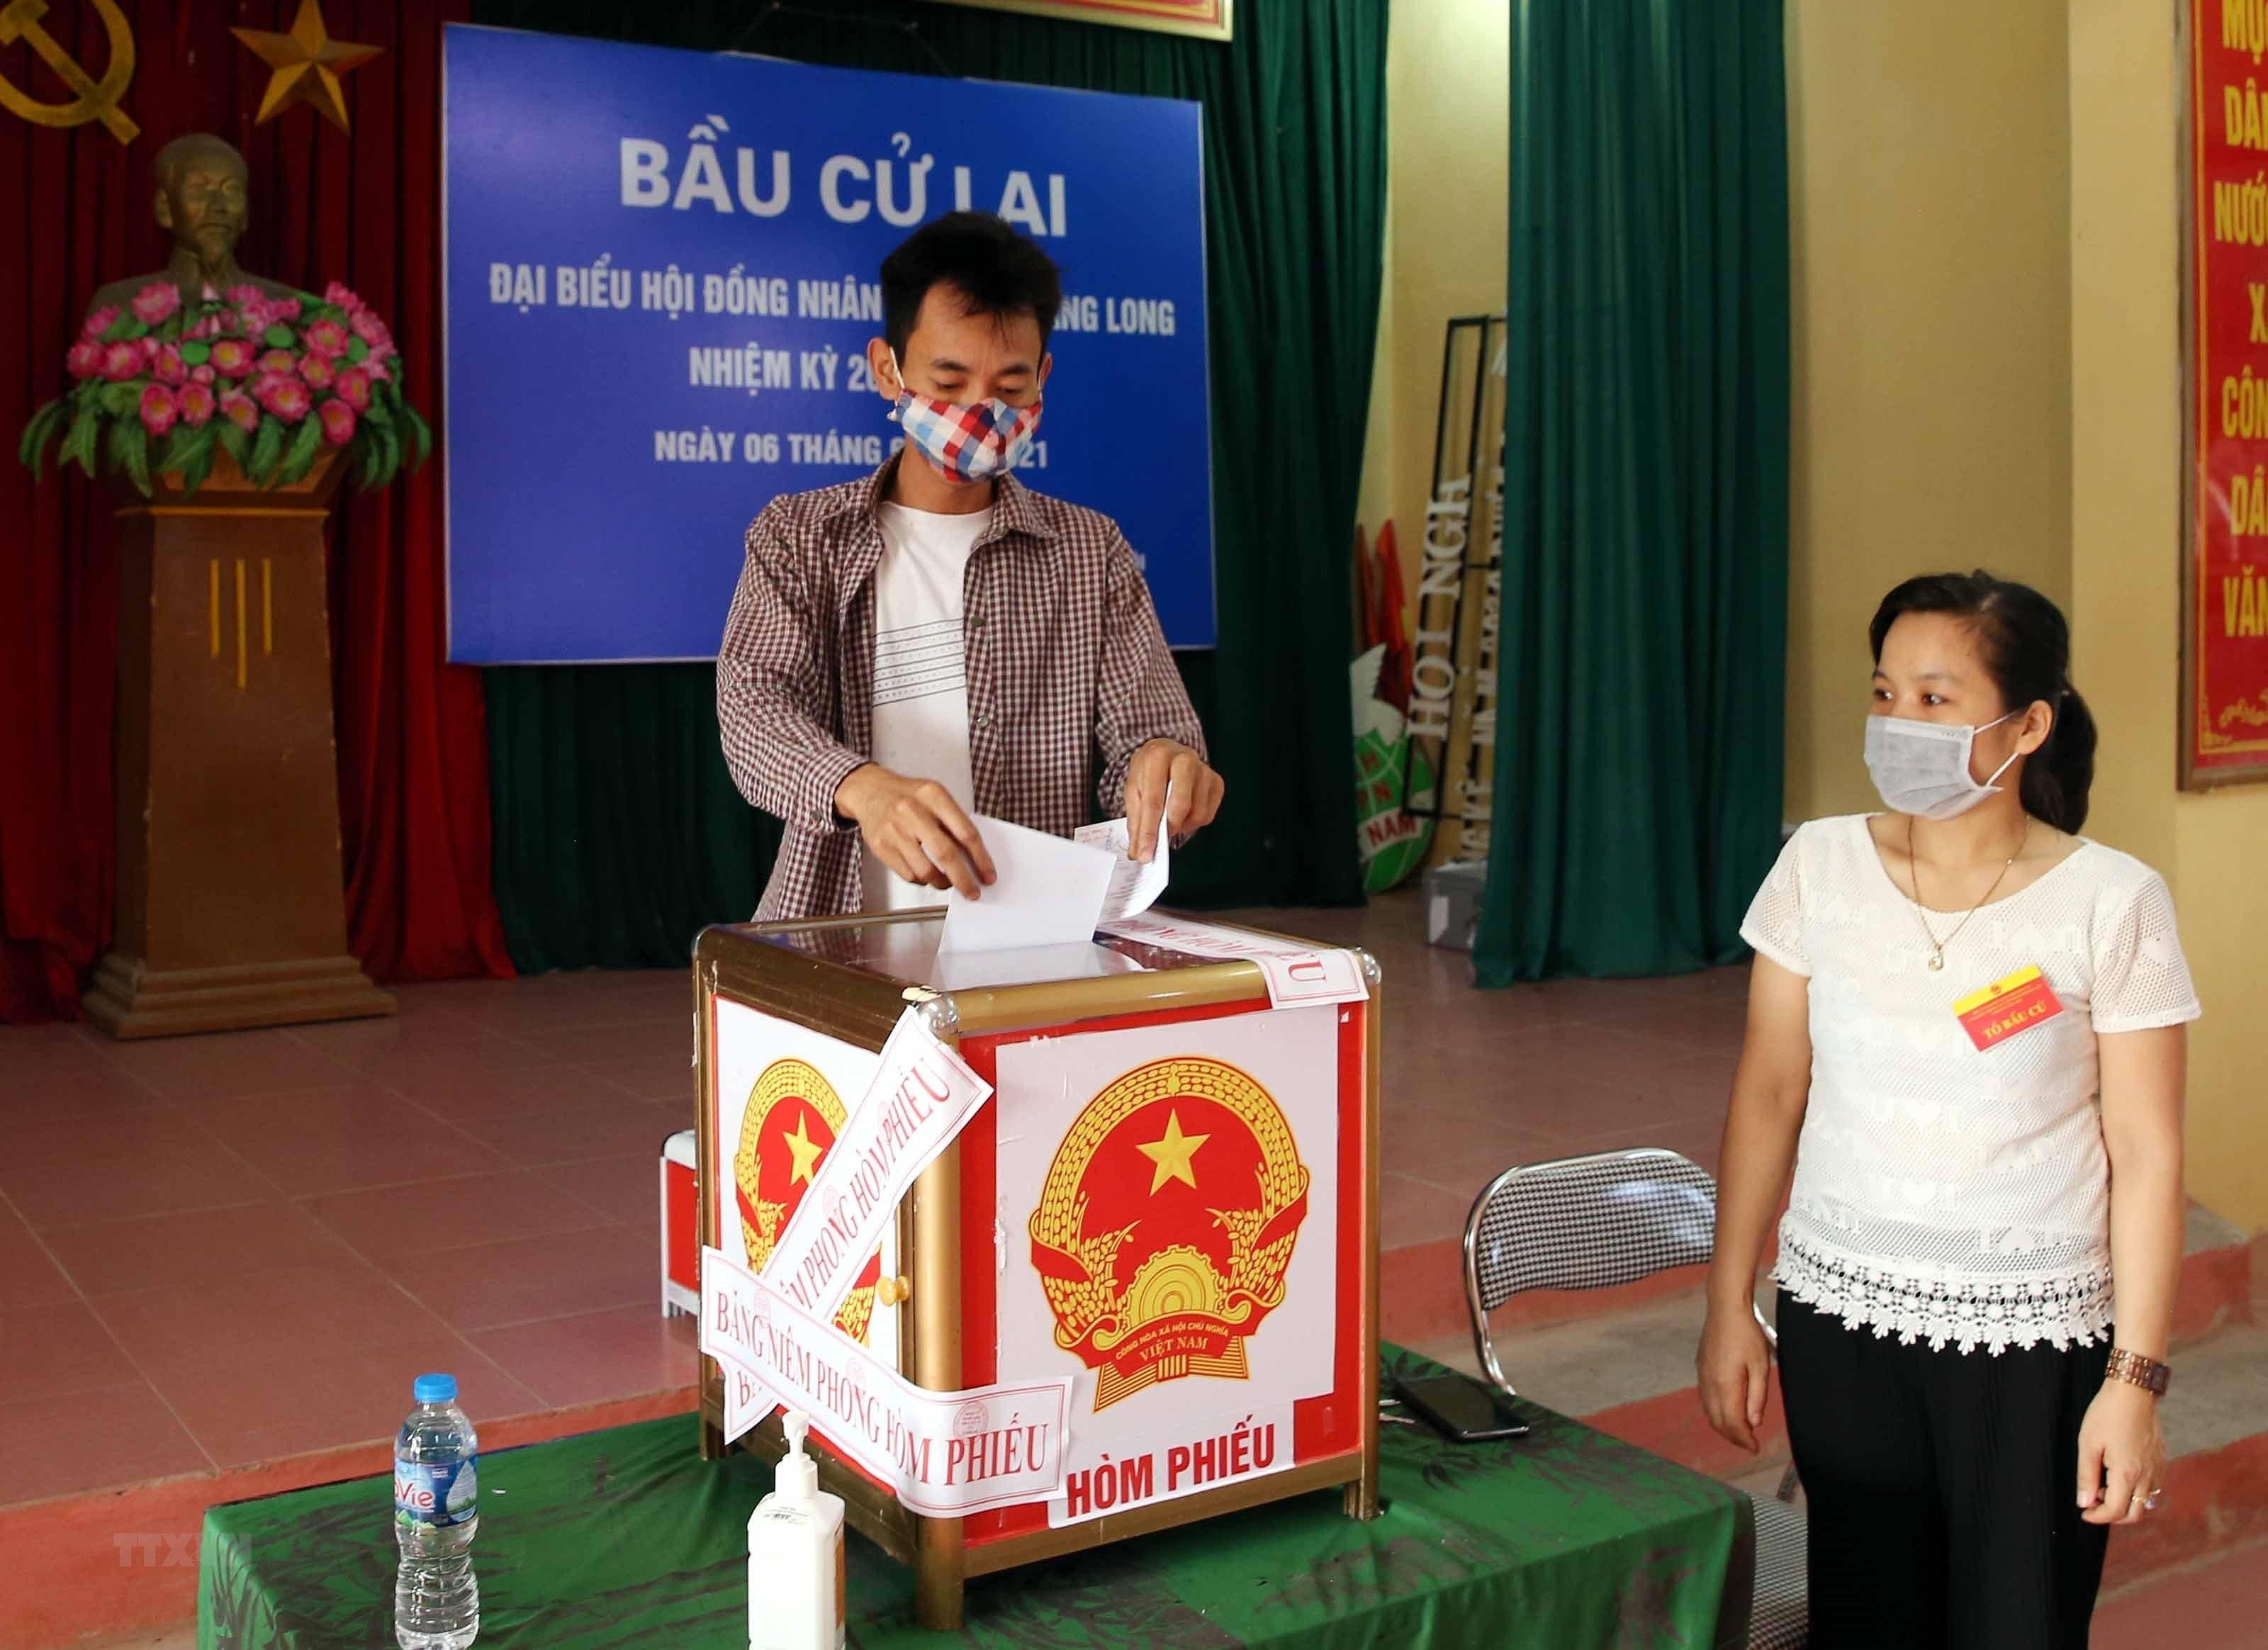 Ha Noi to chuc bau cu lai tai 2 don vi Hoi dong Nhan dan cap xa hinh anh 10